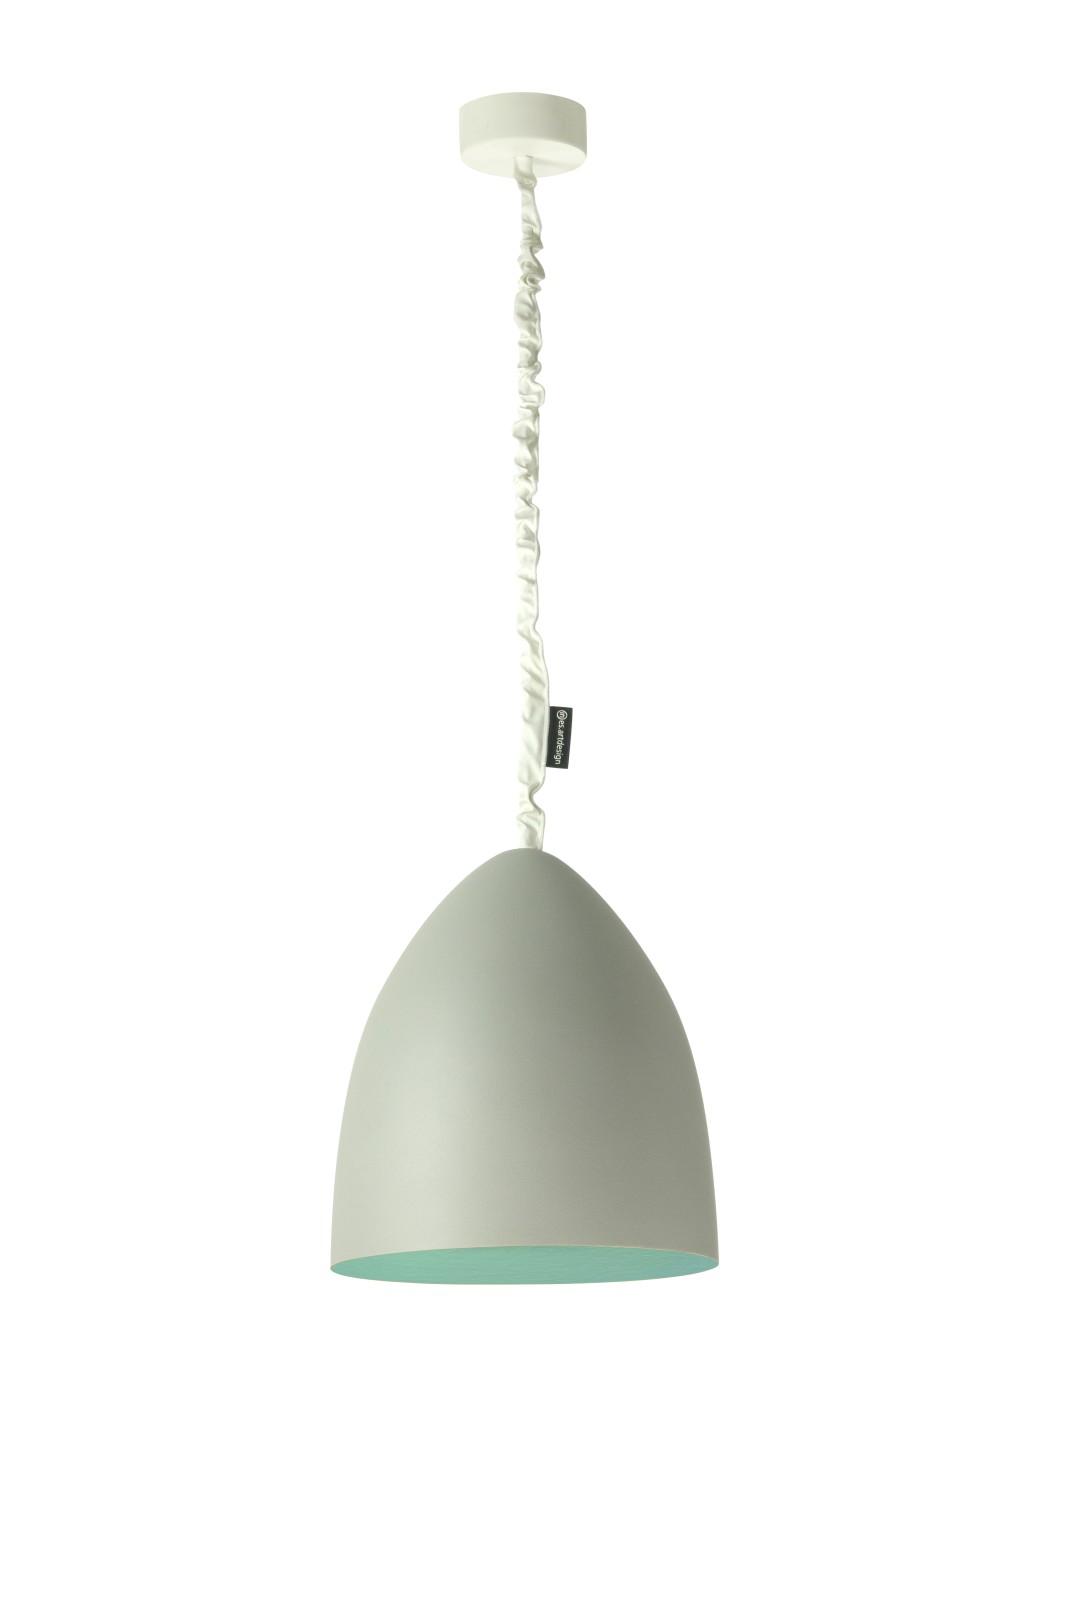 Flower S Pendant Light Grey, Turquoise